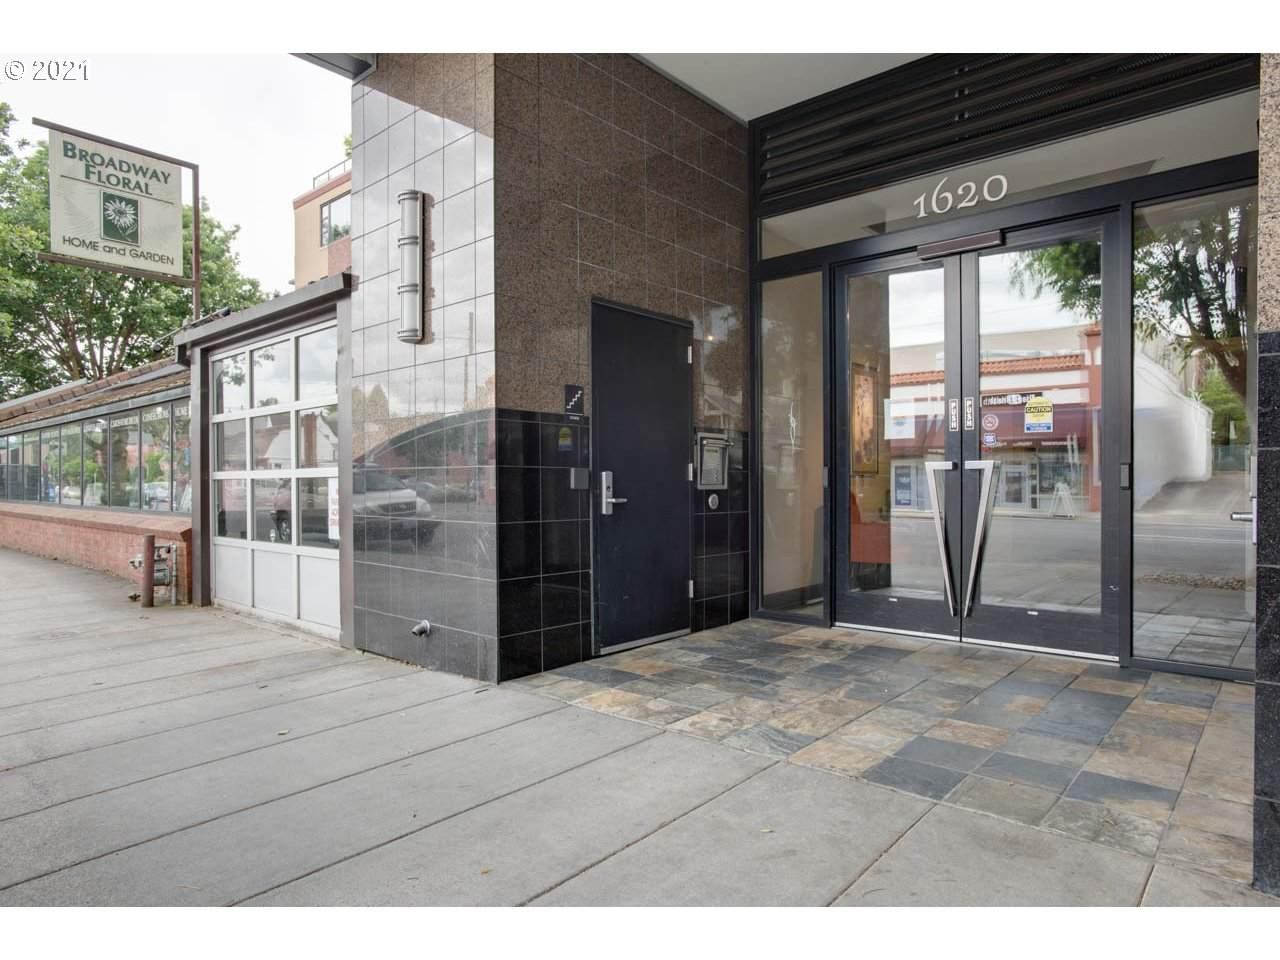 1620 Broadway St - Photo 1